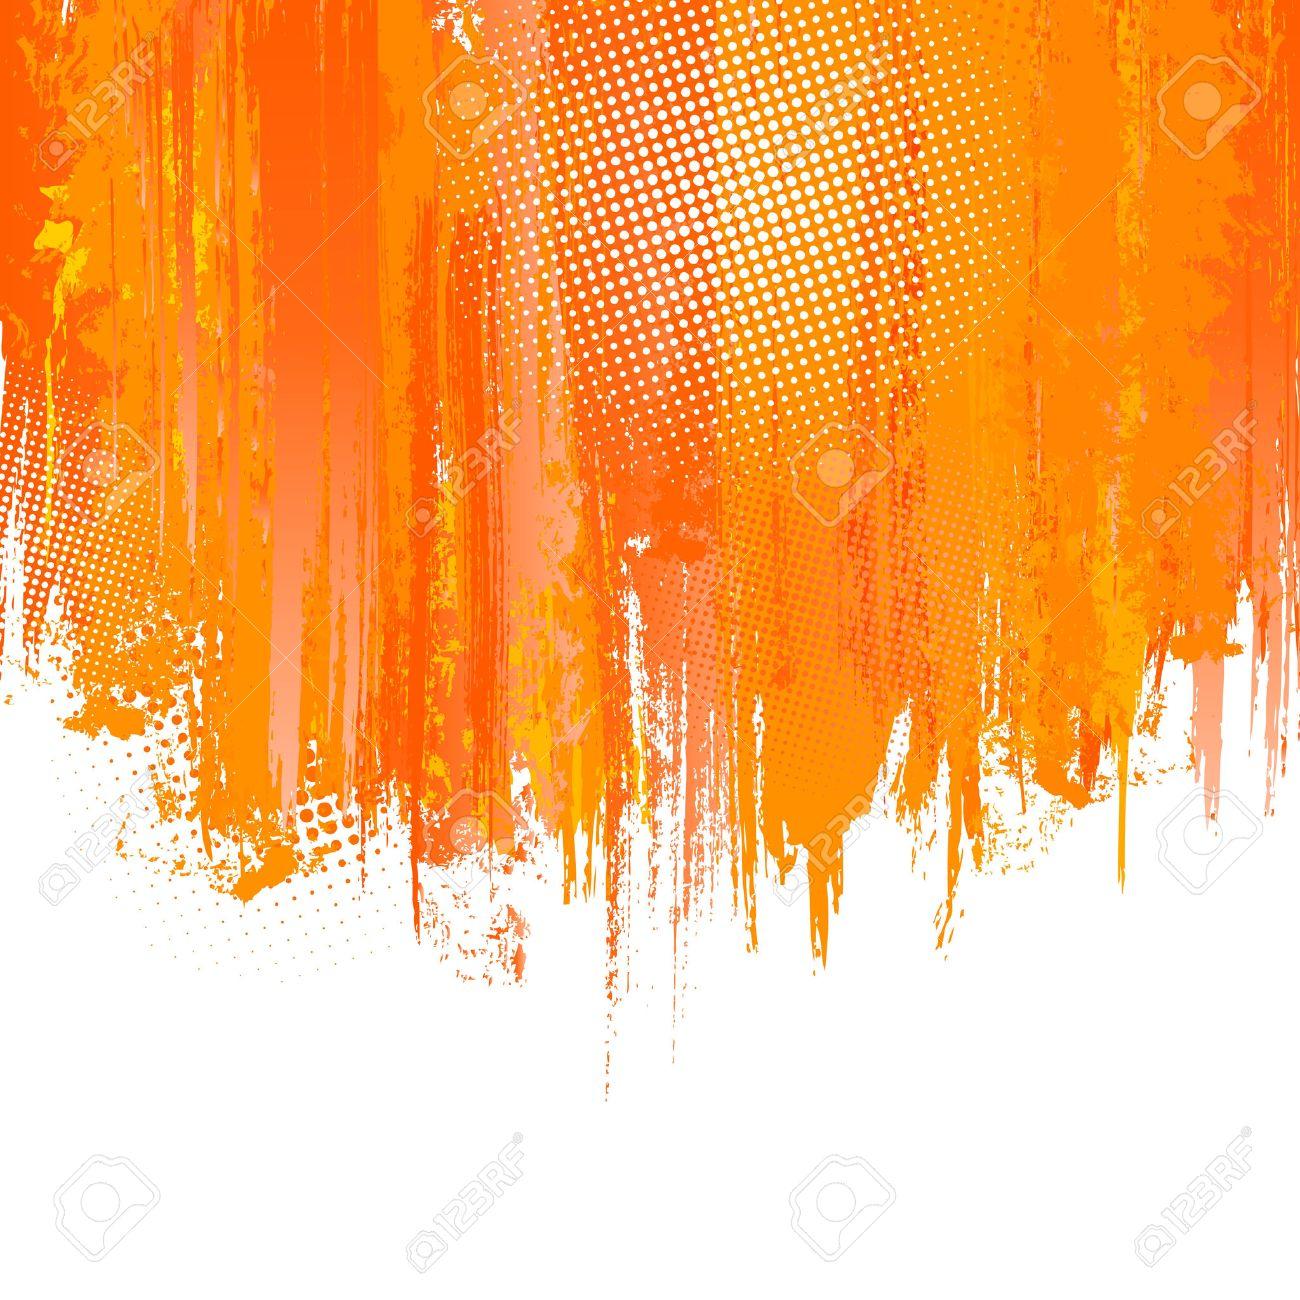 Orange Paint orange paint splashes background. vector background with place